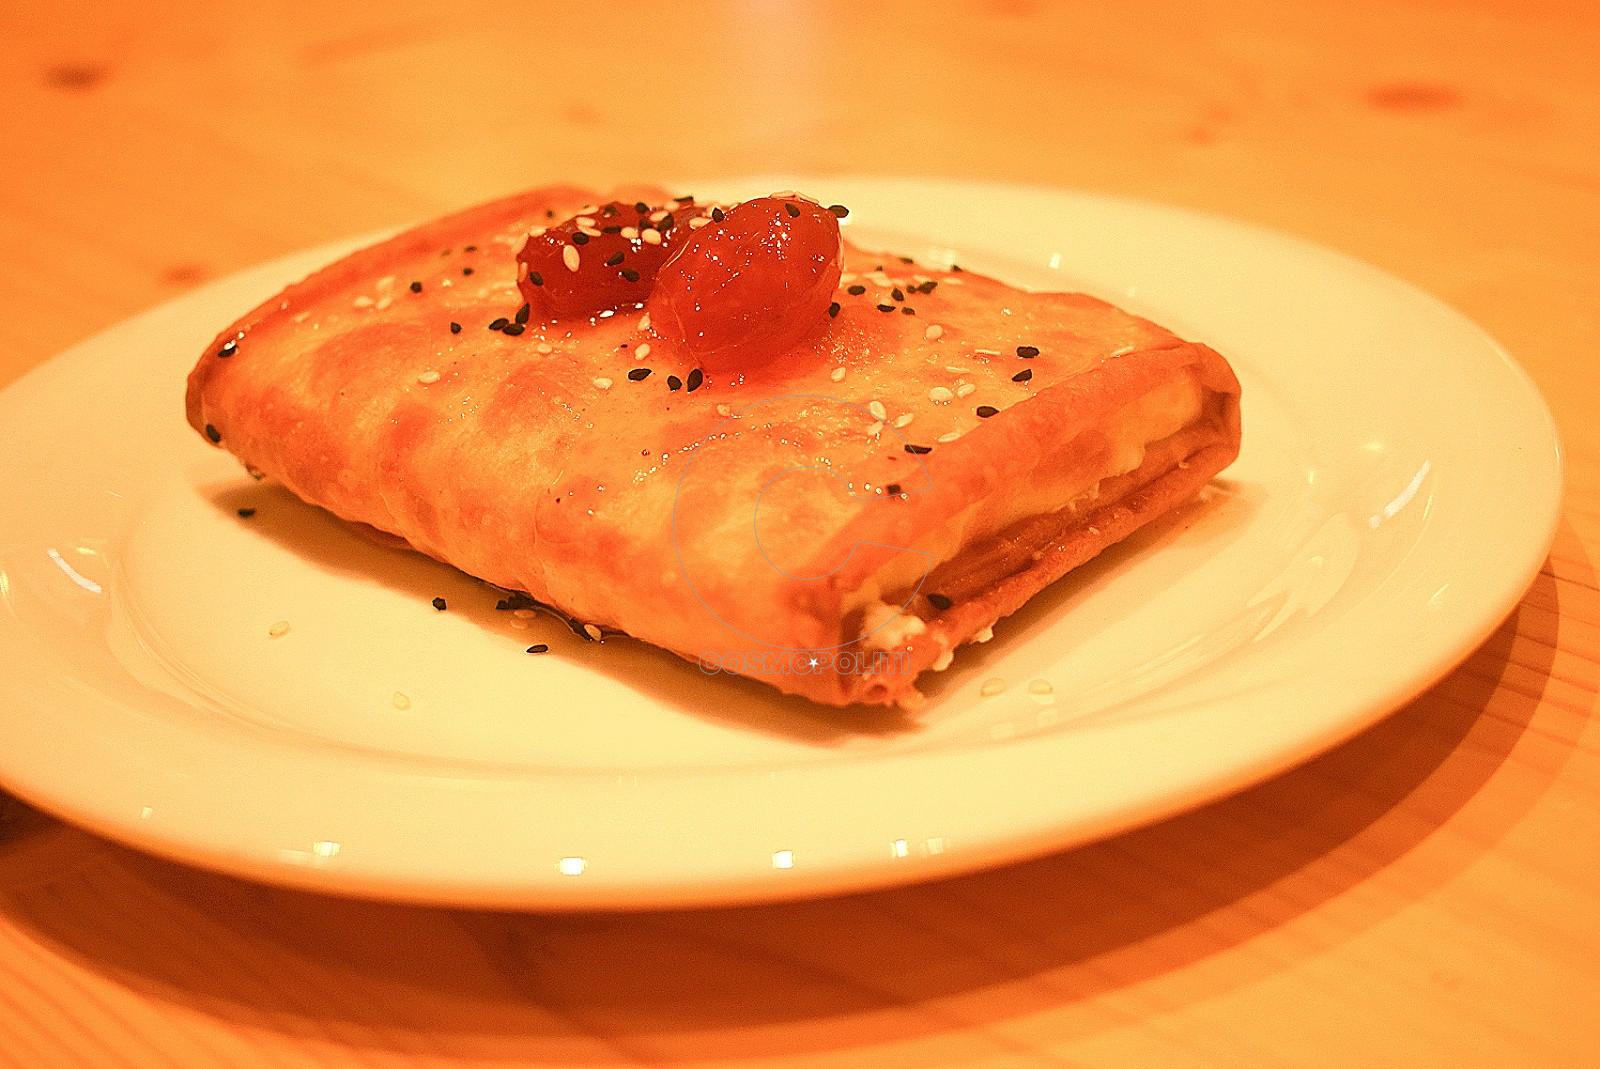 Φέτα σε φύλλο με μαρμελάδα ντομάτας